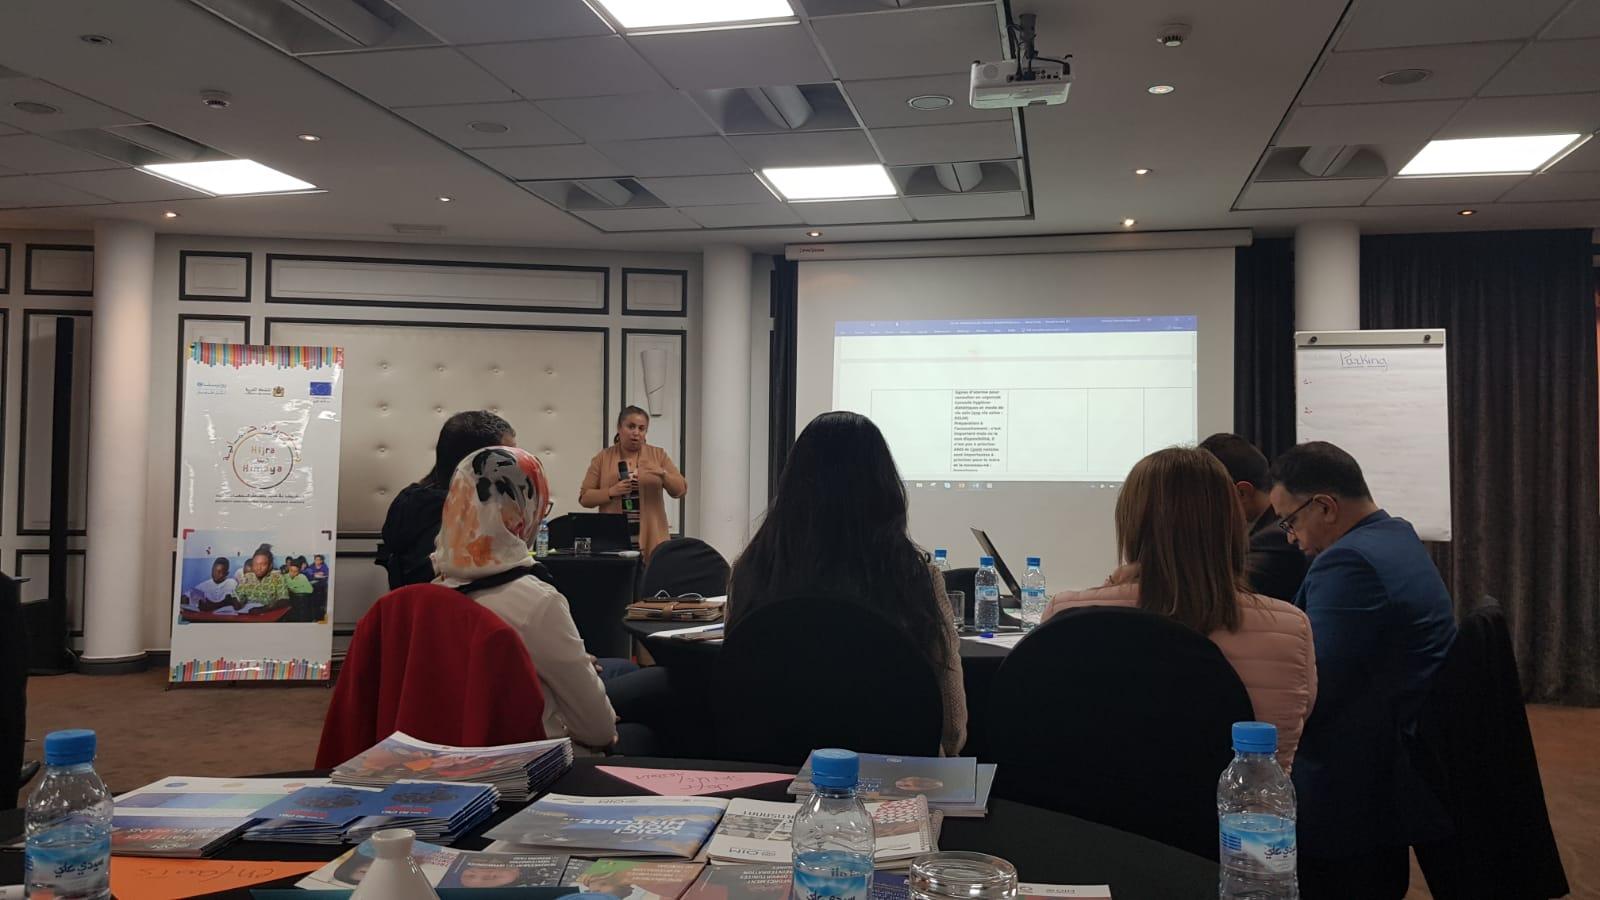 Atelier de co-création de messages et supports de communication pour le changement comportemental et social organisé par l'UNICEF, avec le cofinancement de l'Union européenne